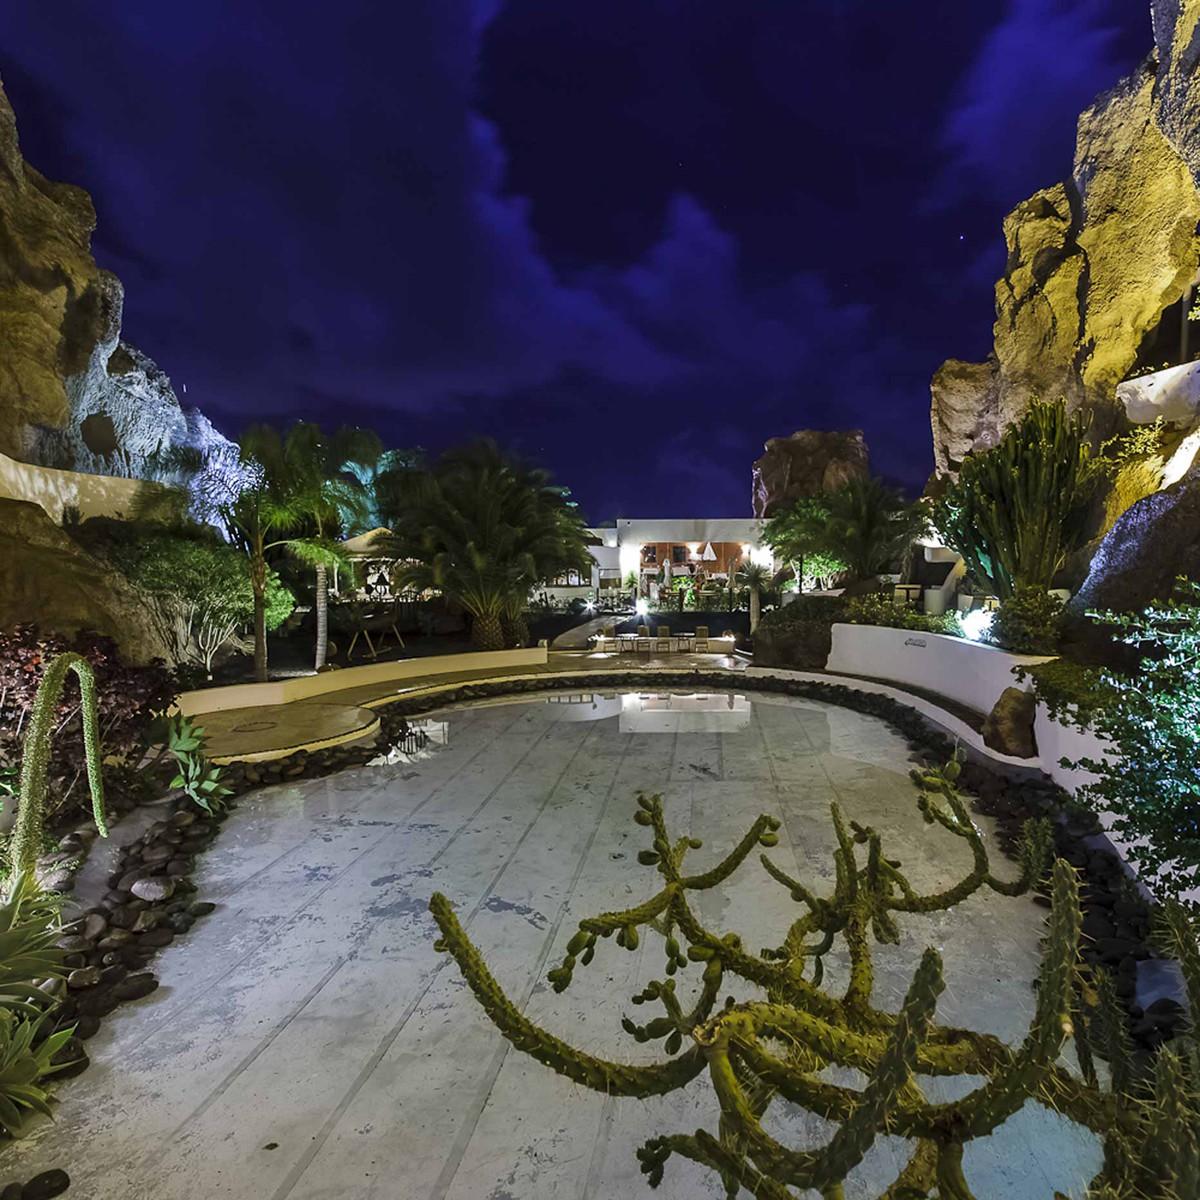 La Cueva Lagomar